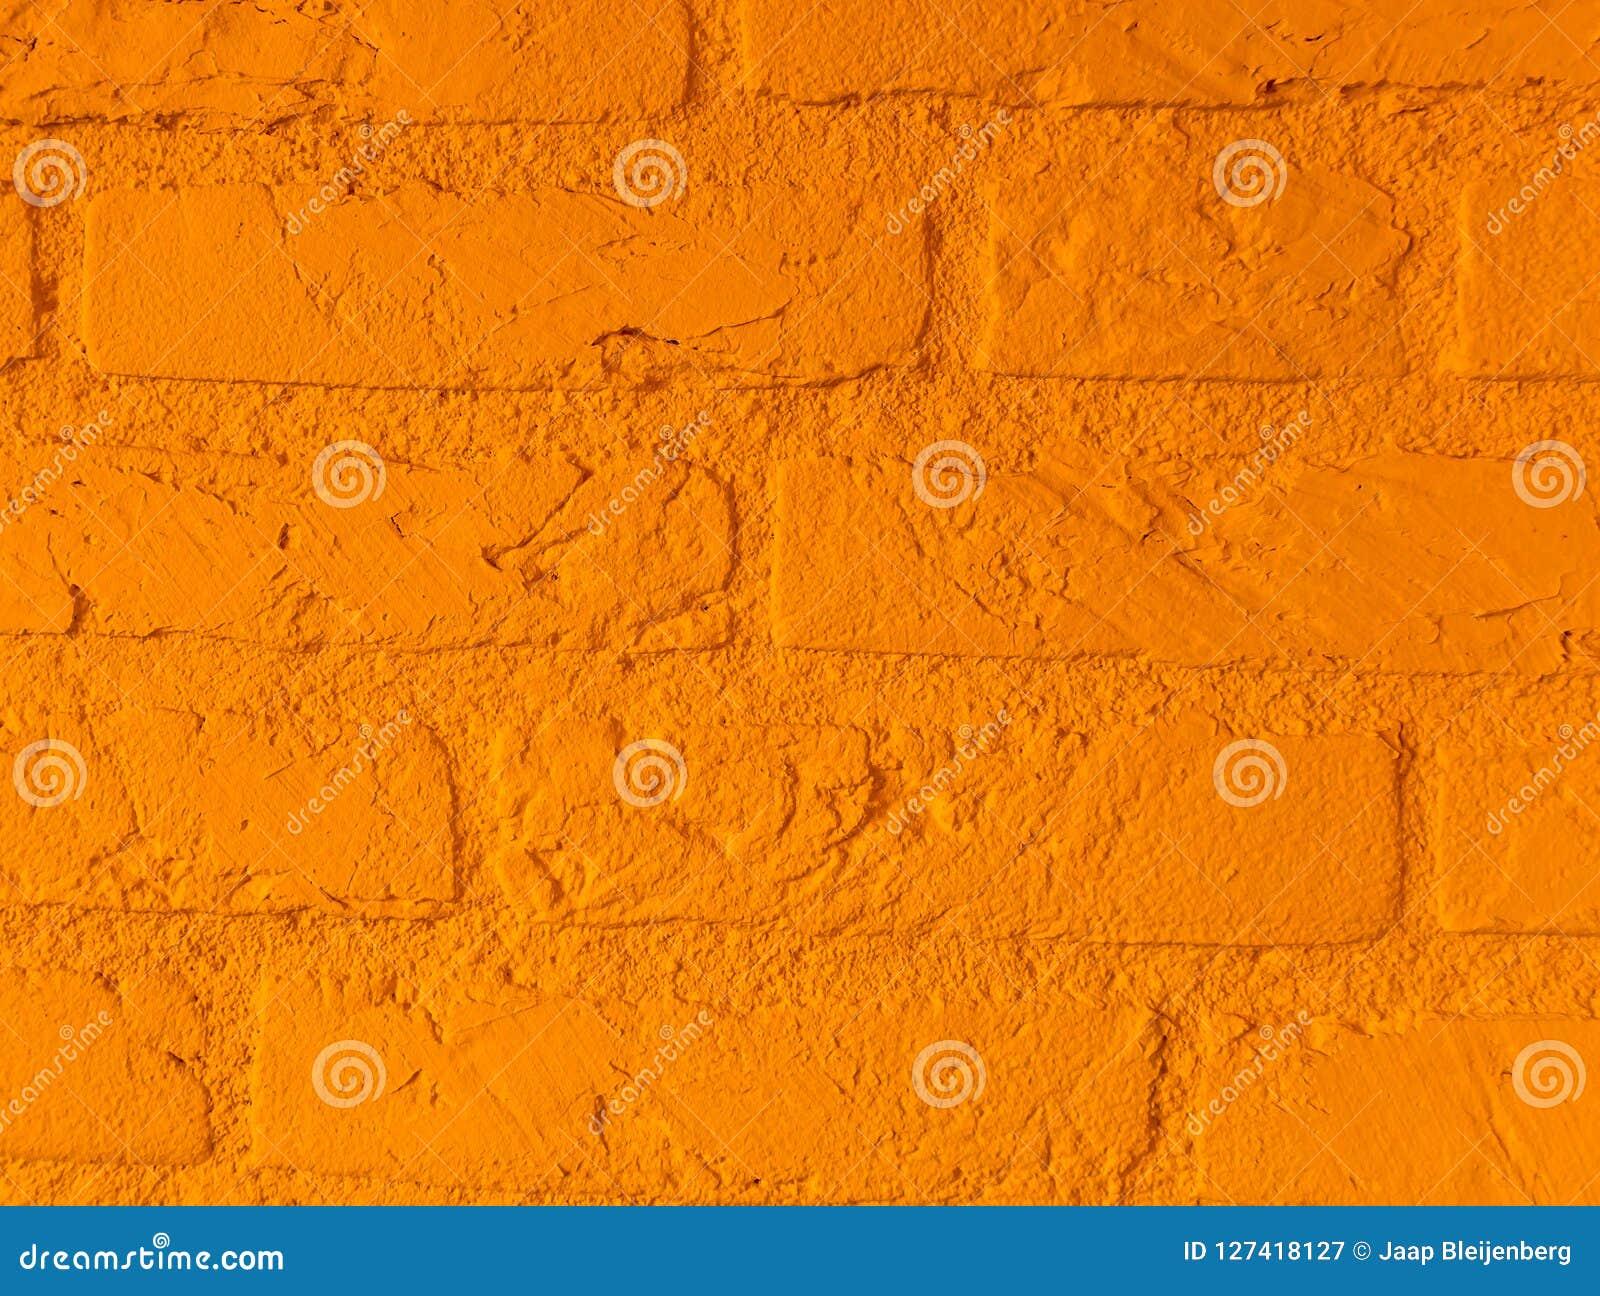 Mur de briques en pierre orange vibrant moderne avec de grandes briques étroites vers le haut du modèle de fond